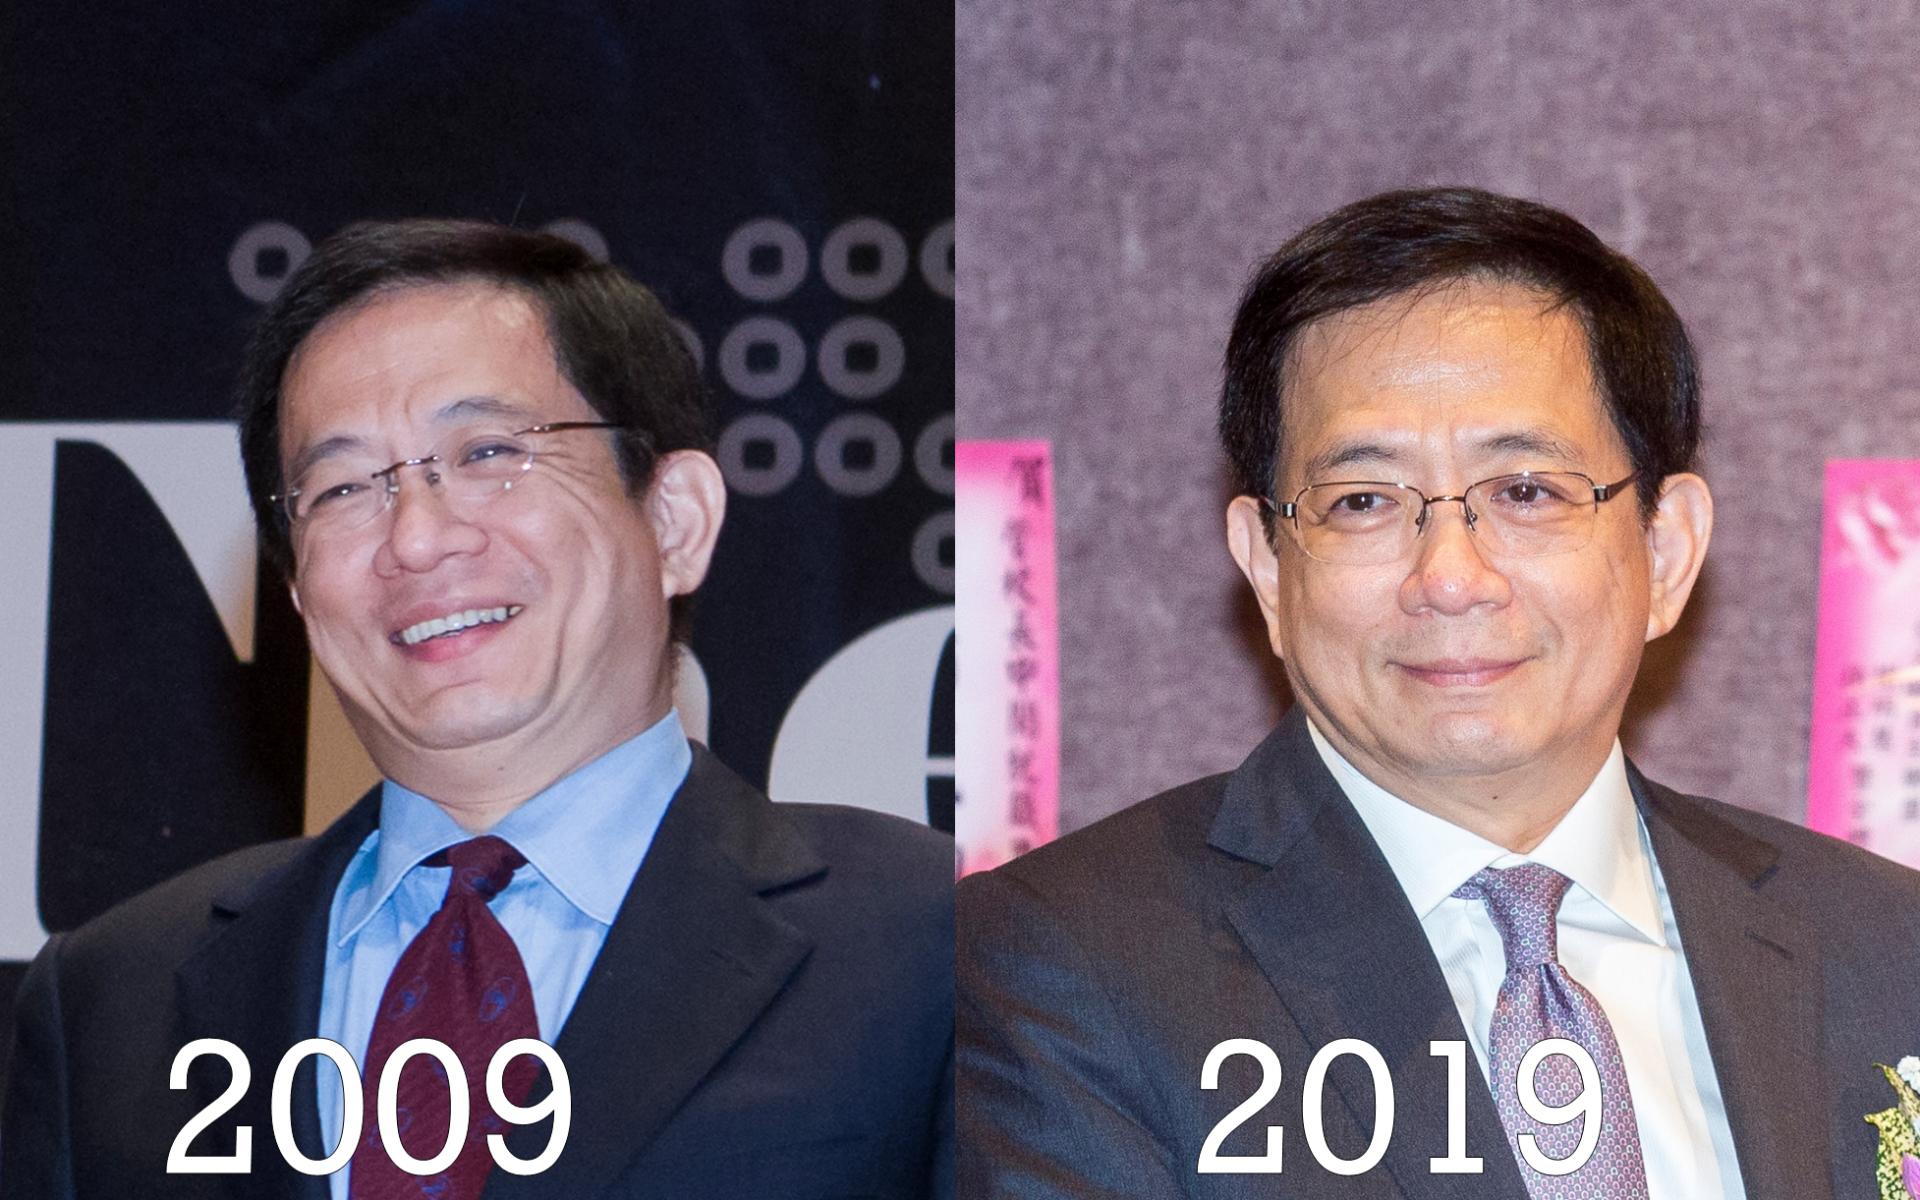 台大校長管中閔10年前與10年後的照片沒有什麼改變。